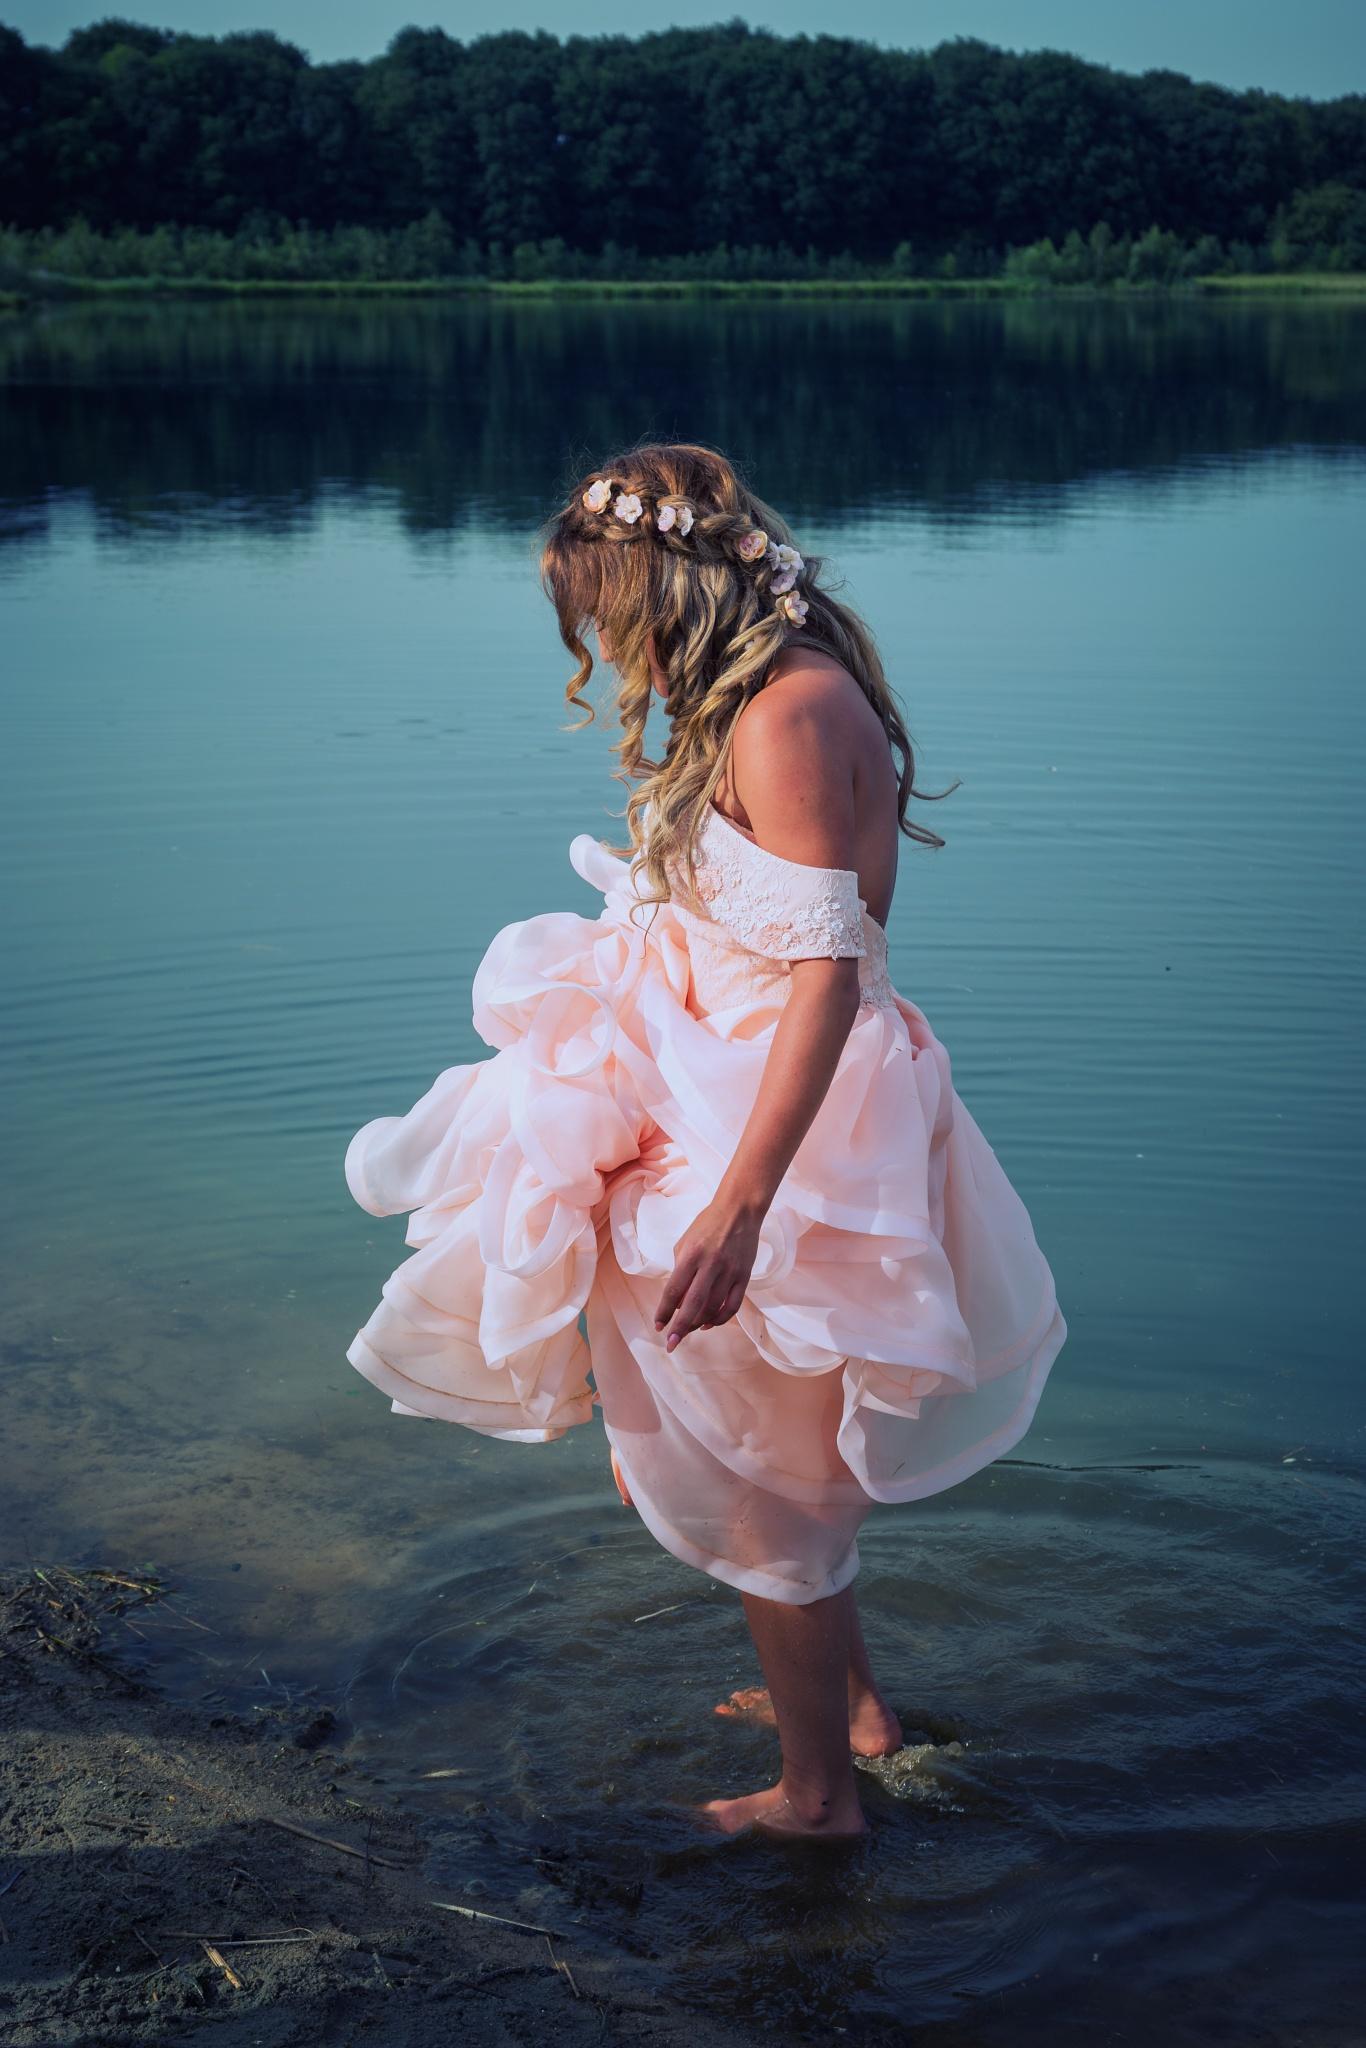 Wet wedding dress by esmeralda.holman